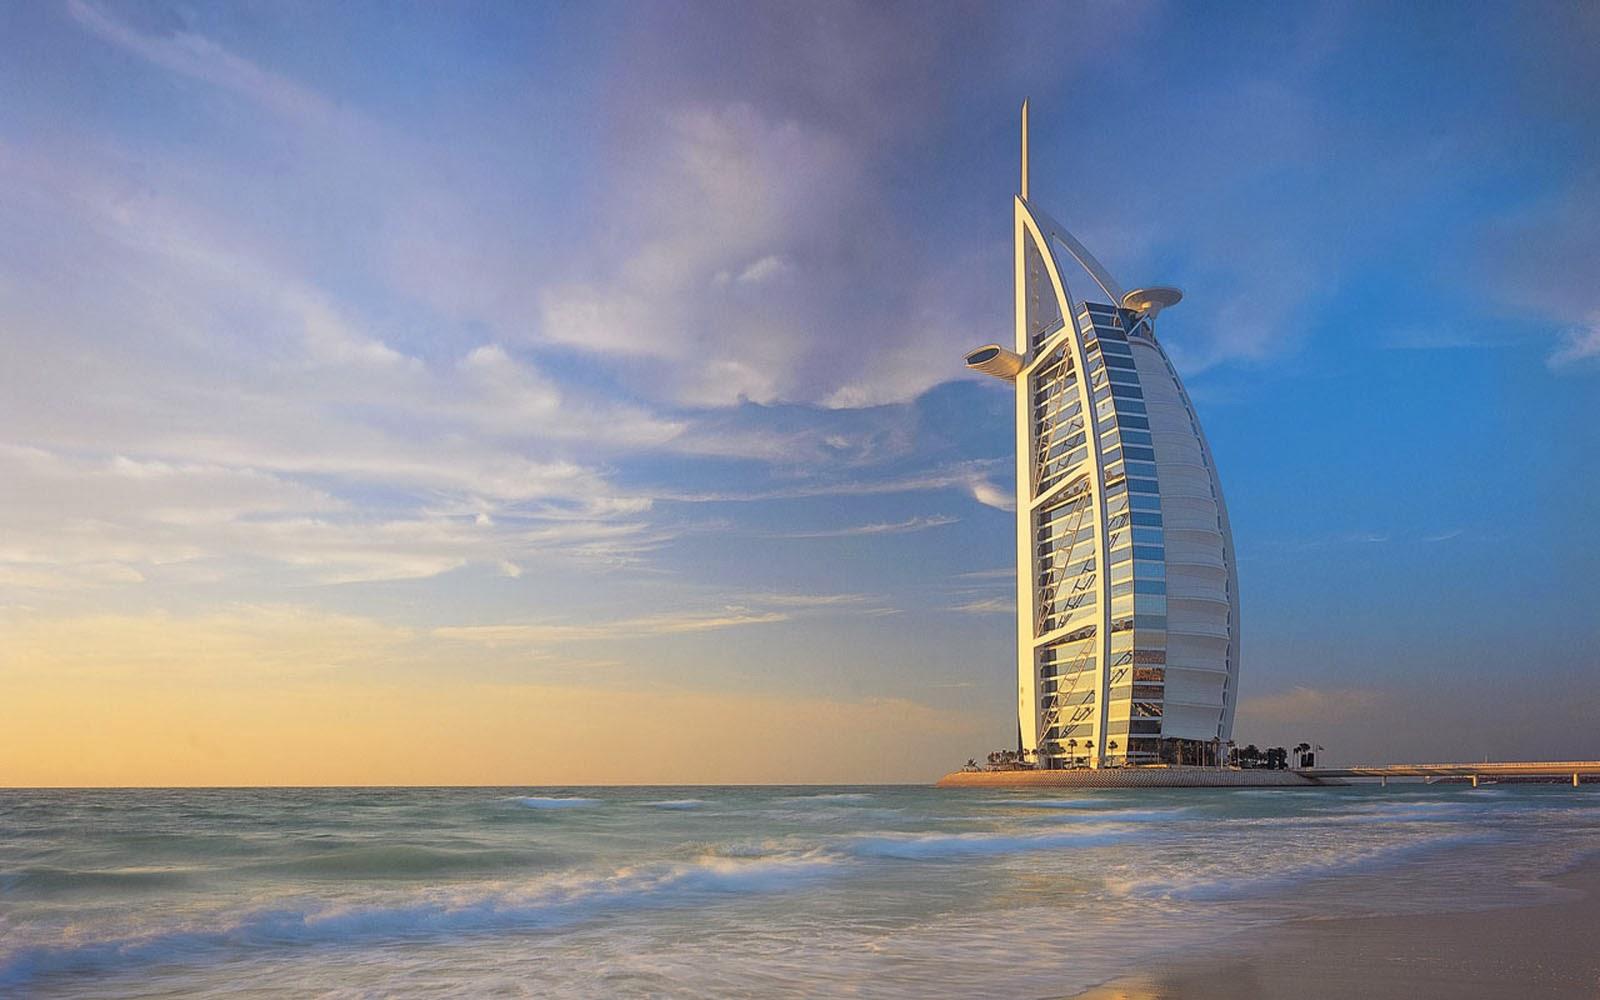 Wallpapers: Burj Al Arab Hotel Wallpapers